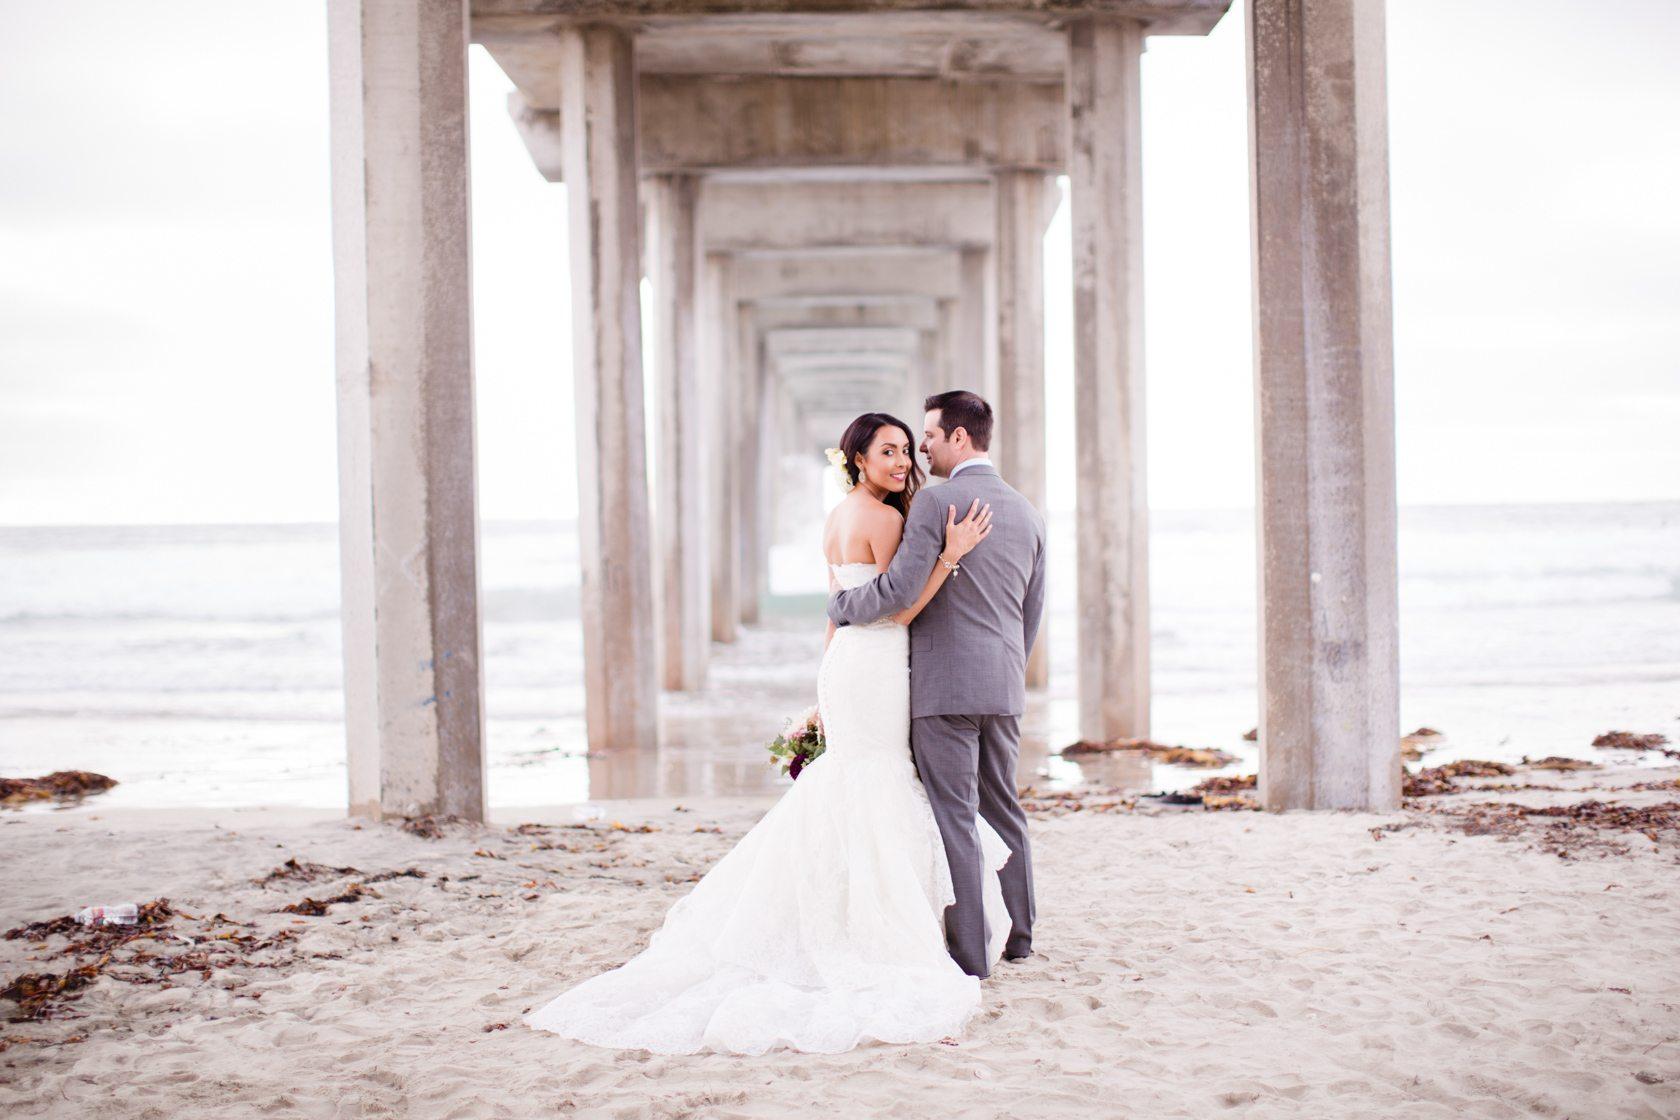 Romantic_Estancia_La_Jolla_Wedding_078.jpg